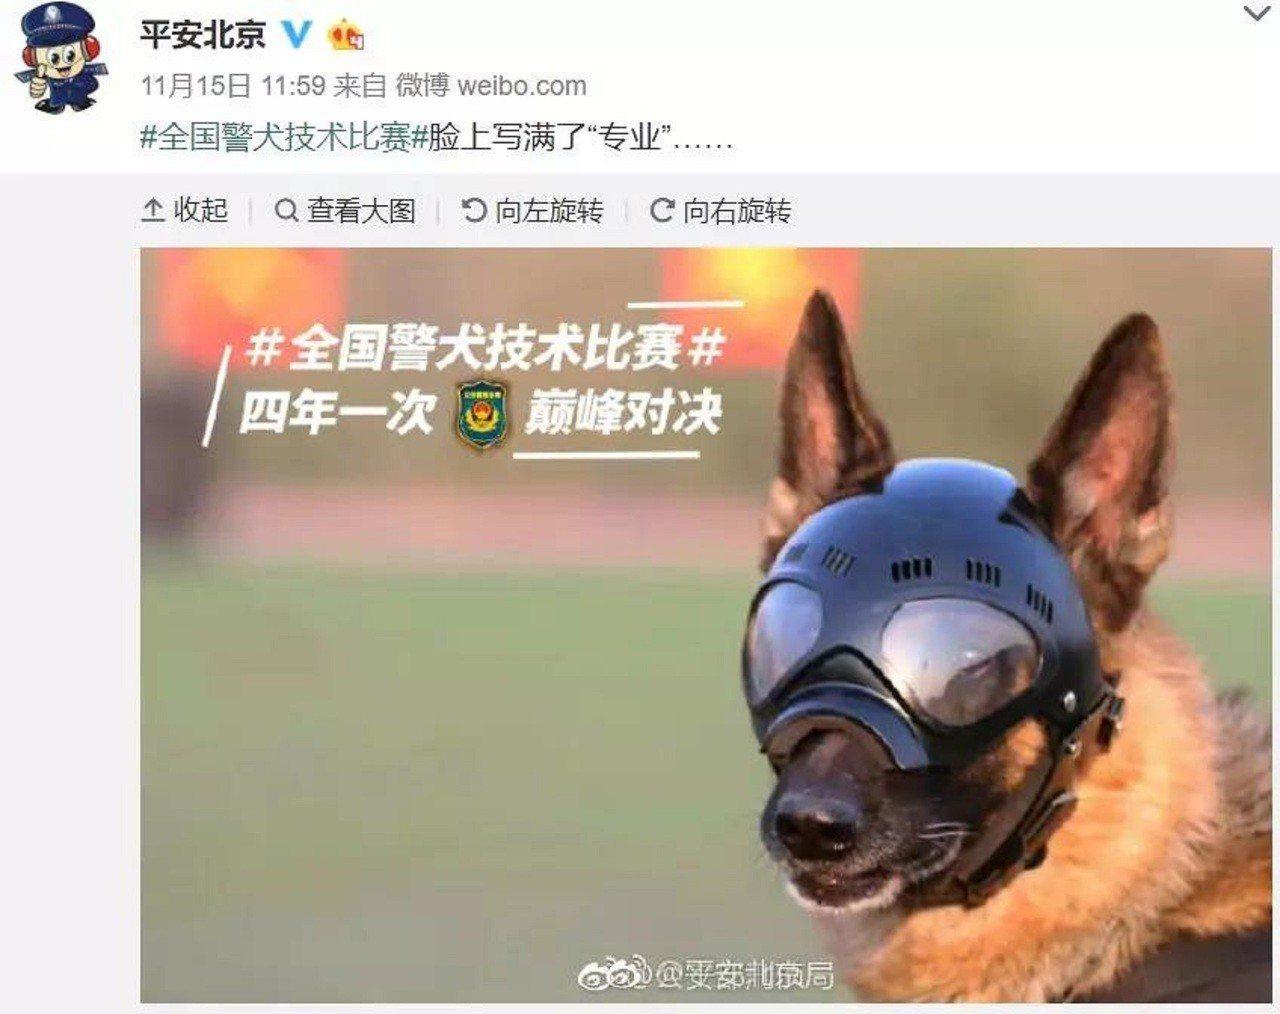 平安北京官方微博截圖